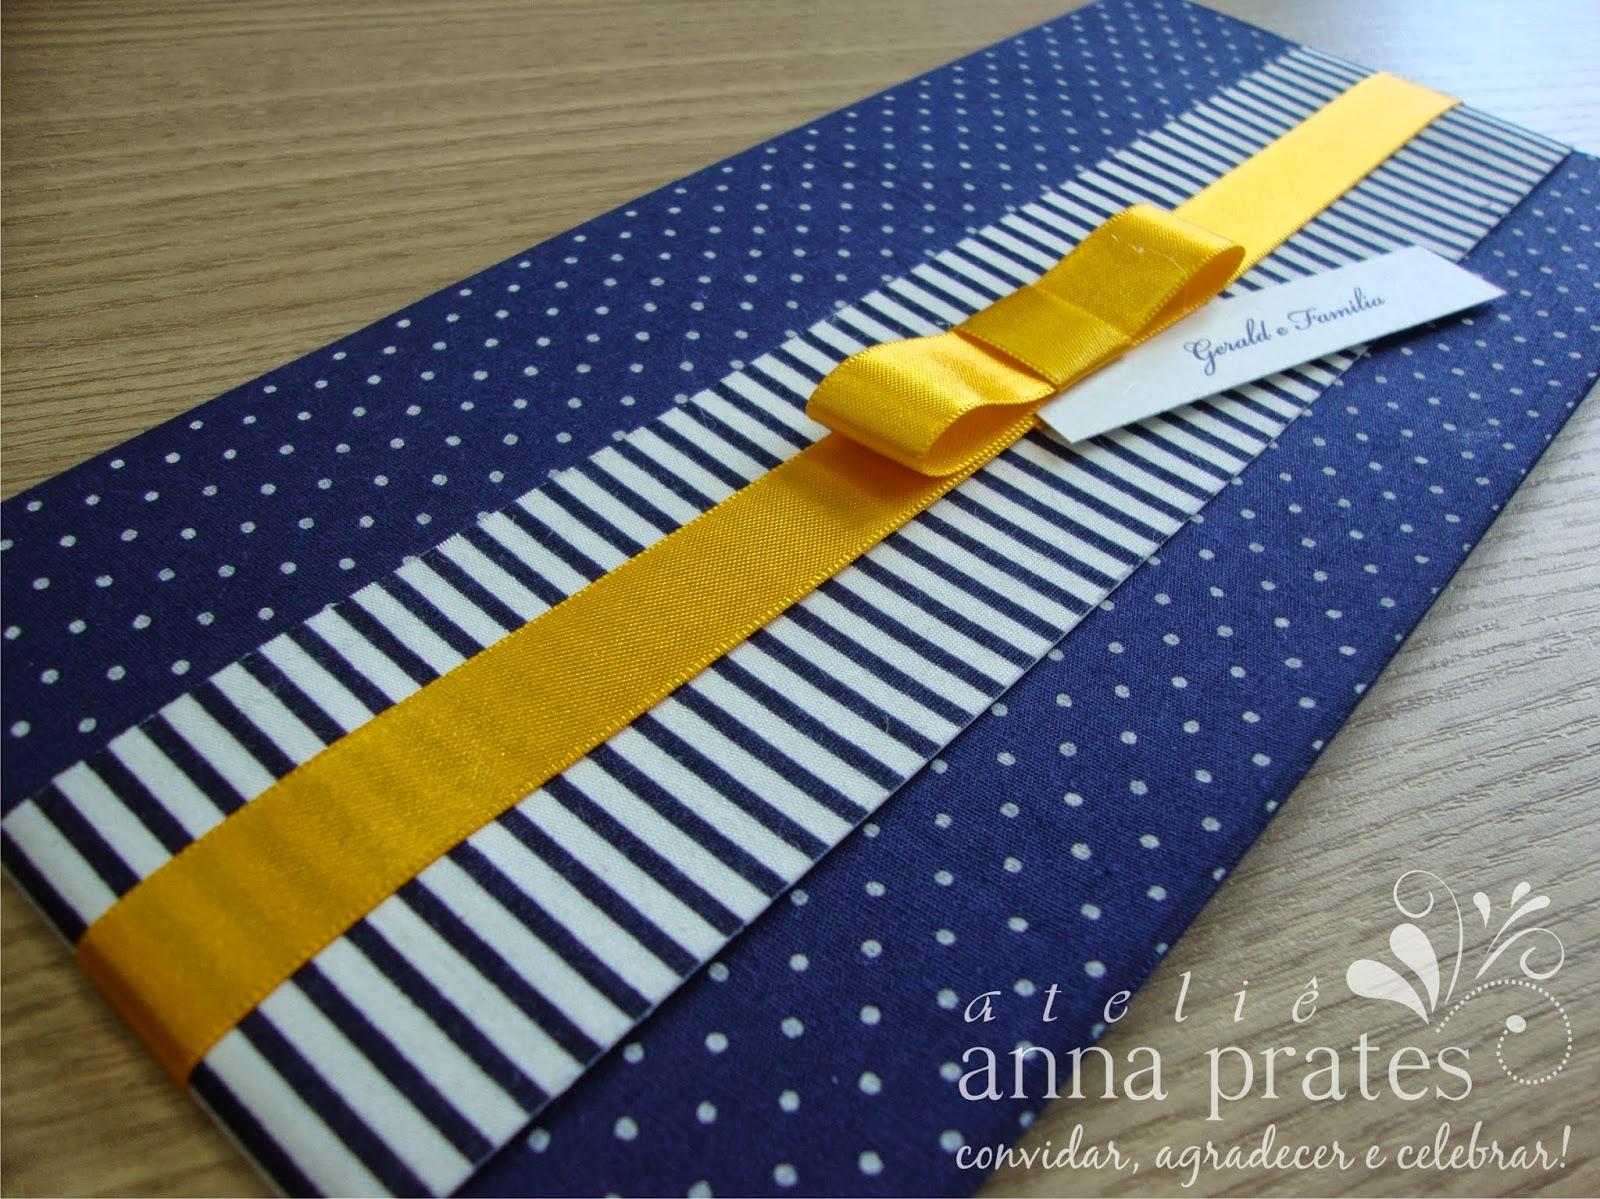 decoracao de festa azul marinho e amarelo: para os seus convites de casamento ficaram um charme em azul e amarelo